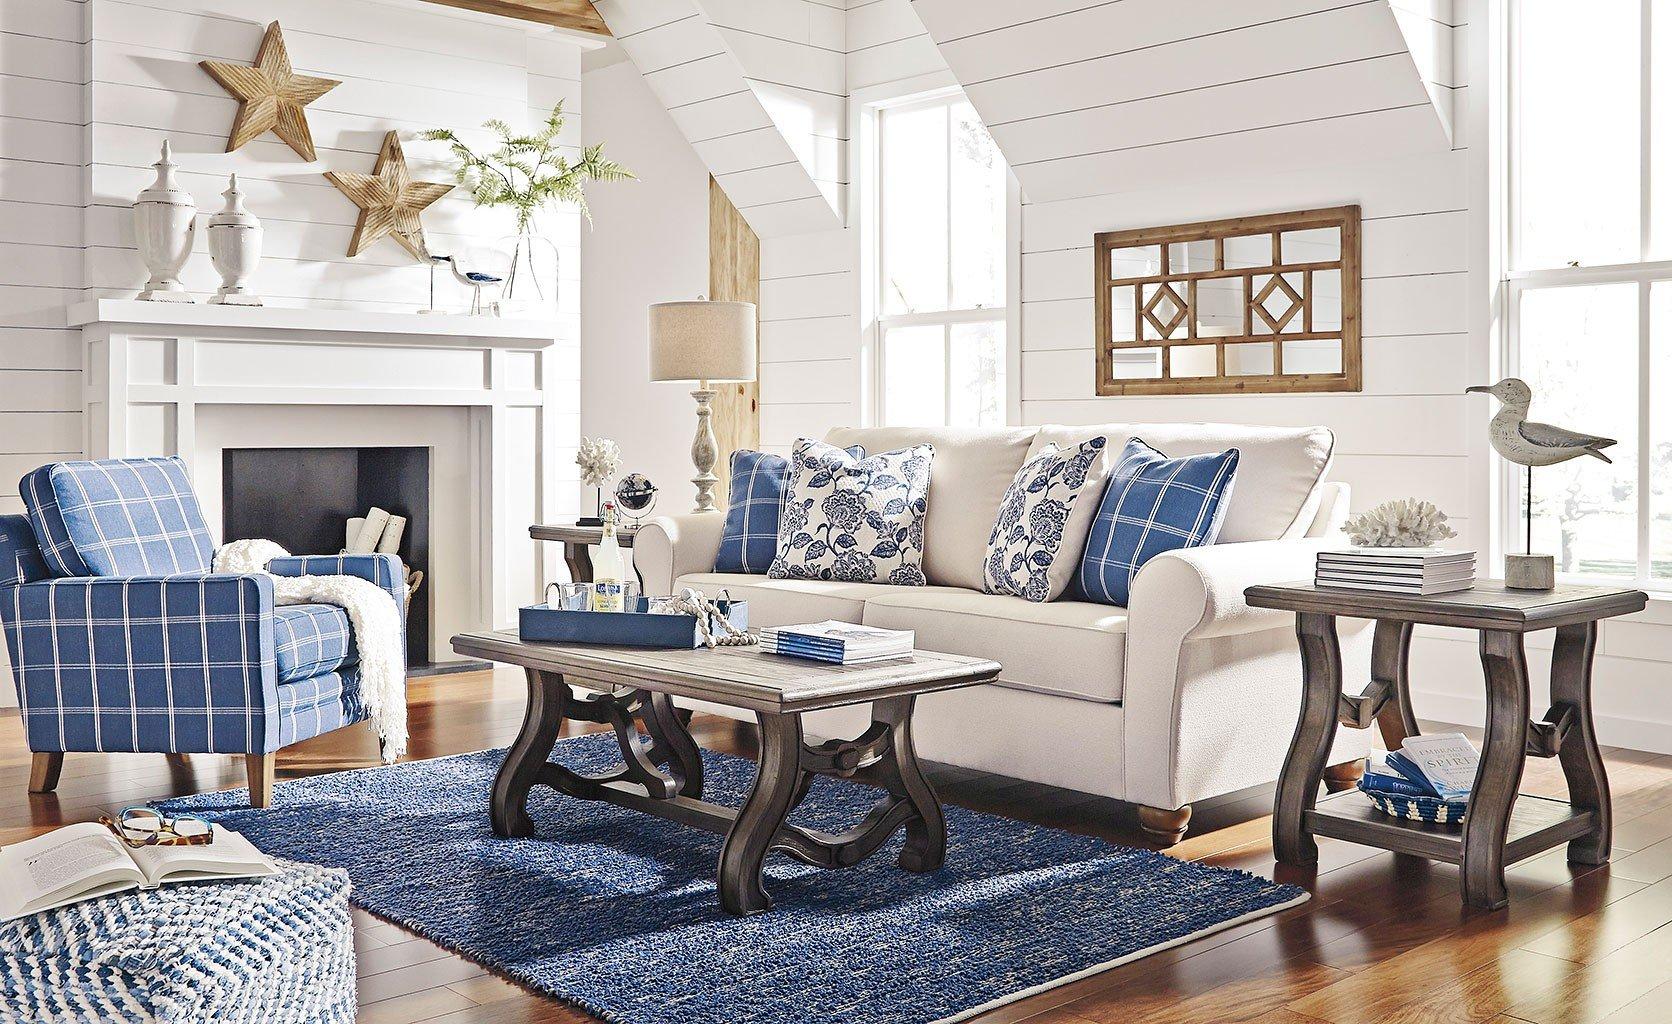 Adderbury Bone Living Room Set BenchCraft, 1 Reviews   Furniture Cart